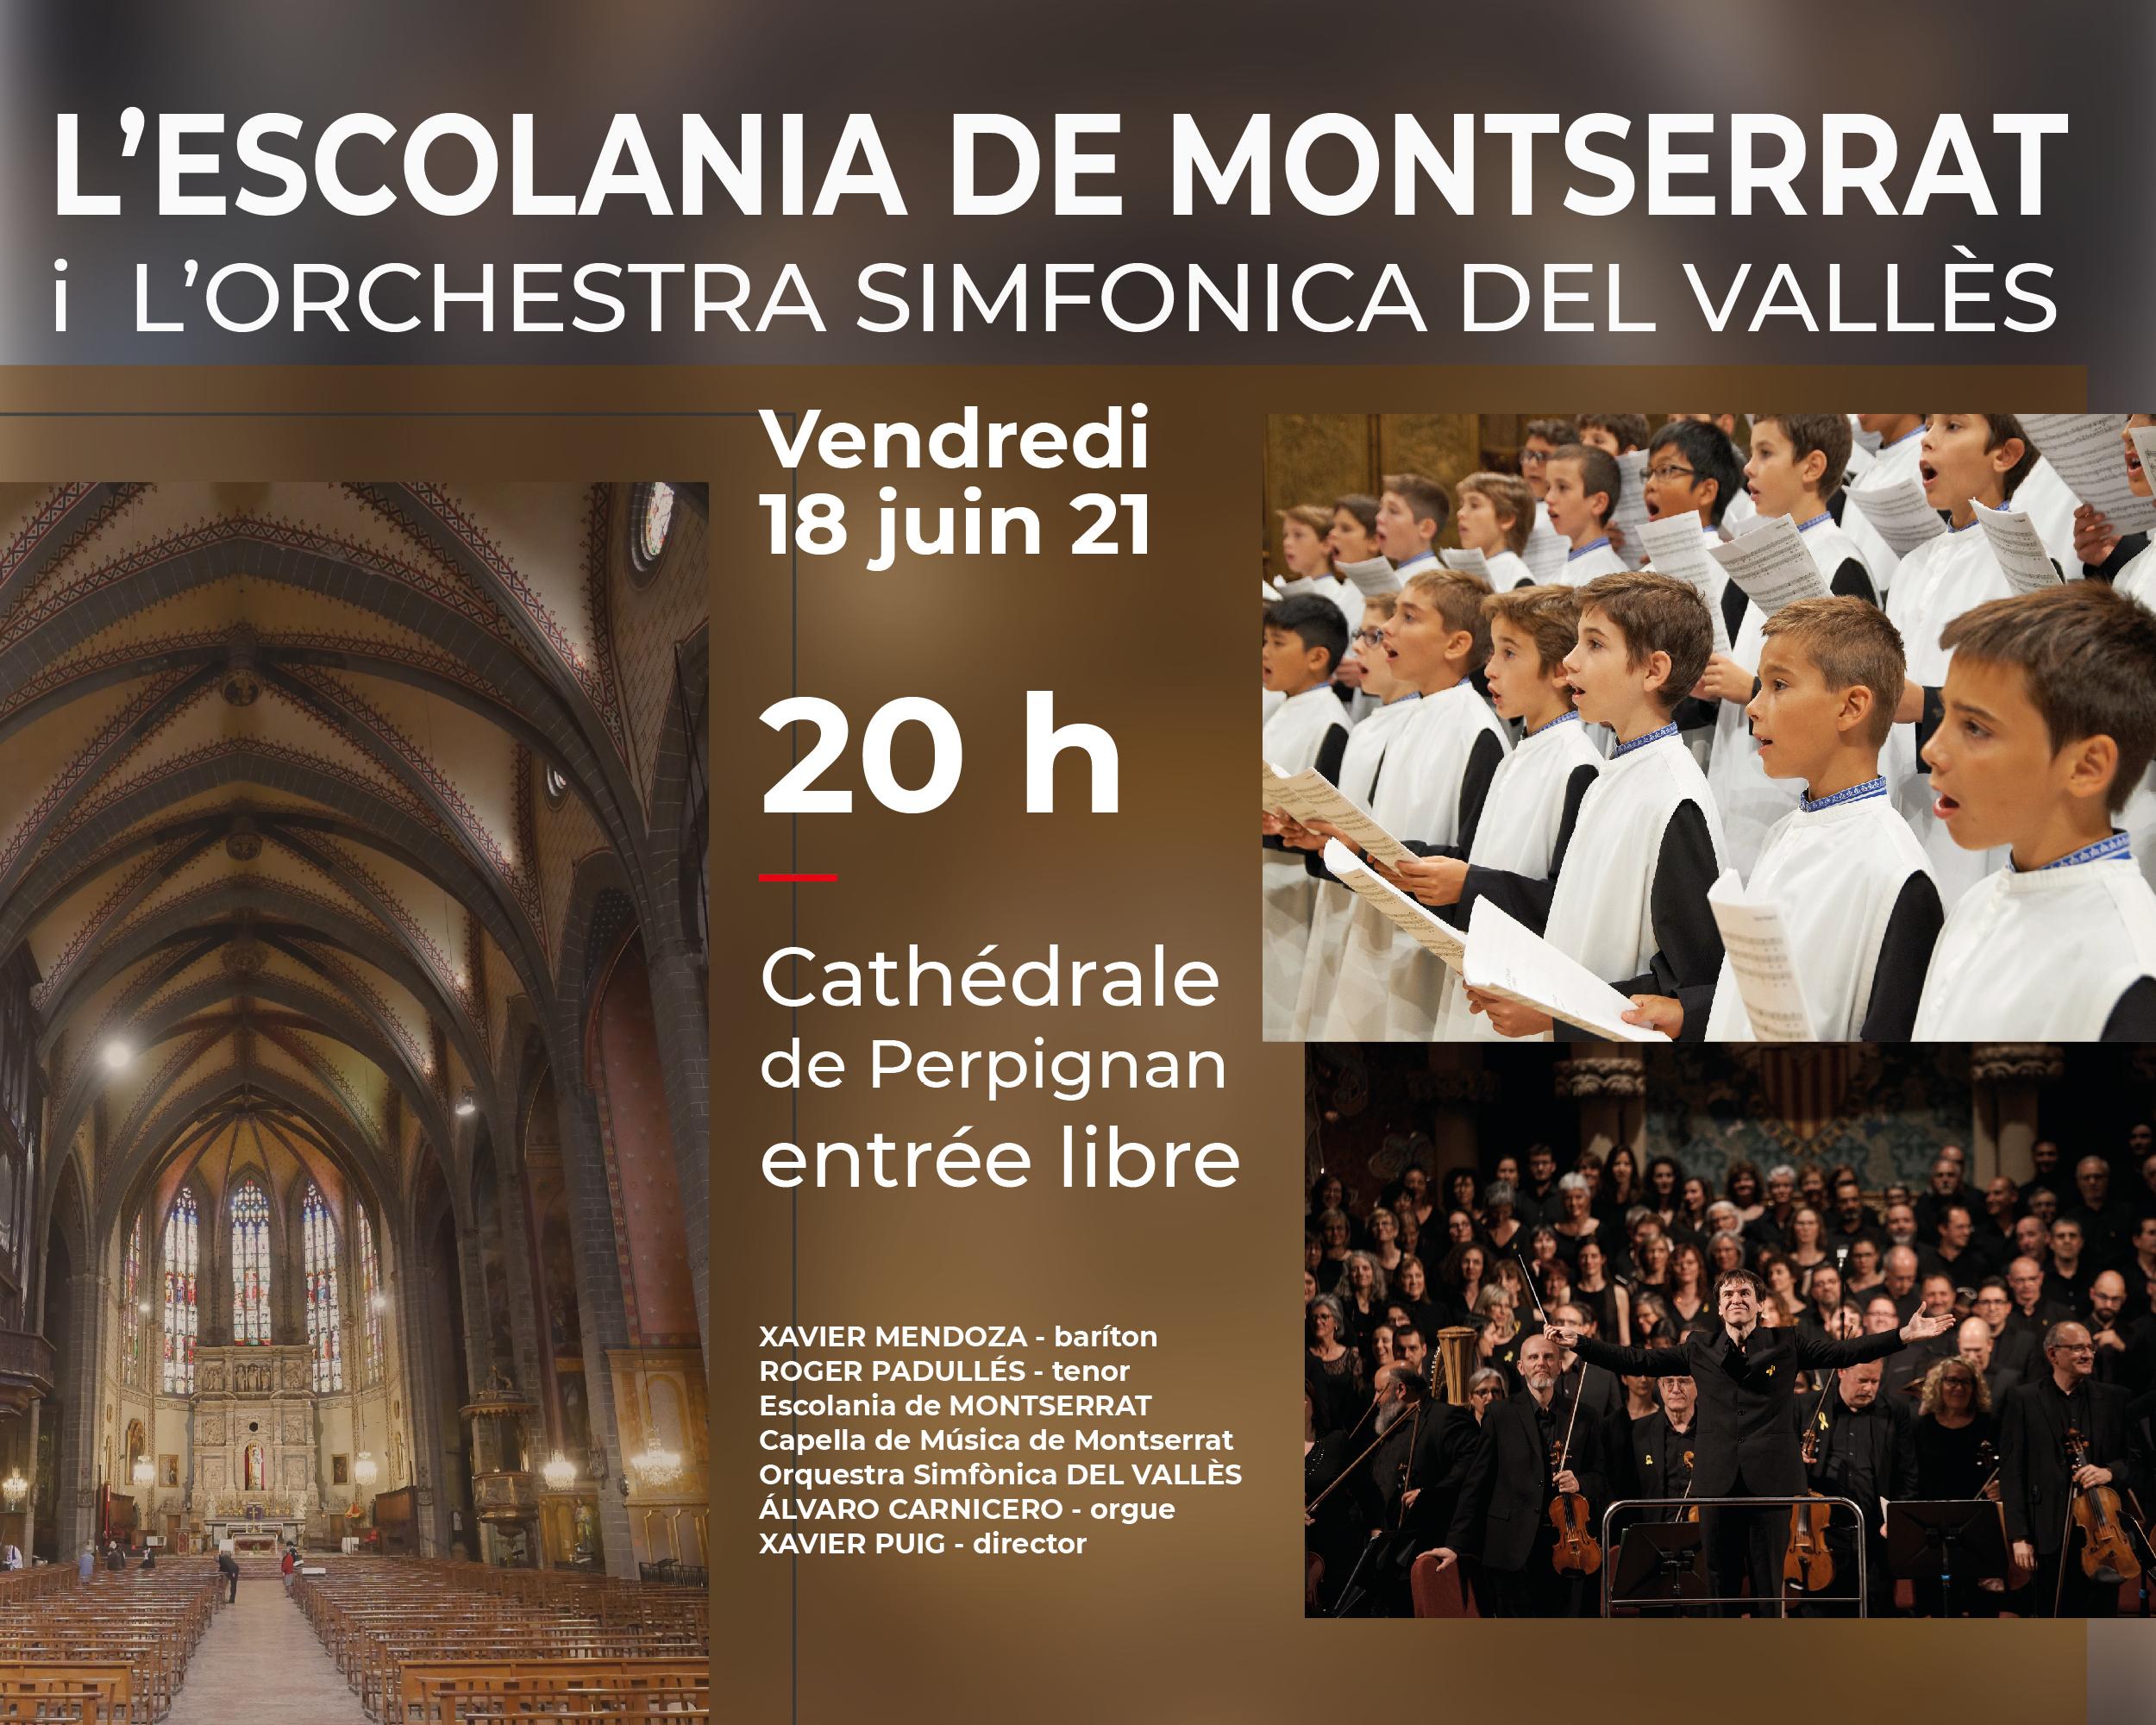 18 juin : Concert exceptionnel de l'Escolania de Montserrat à la Cathédrale de Perpignan